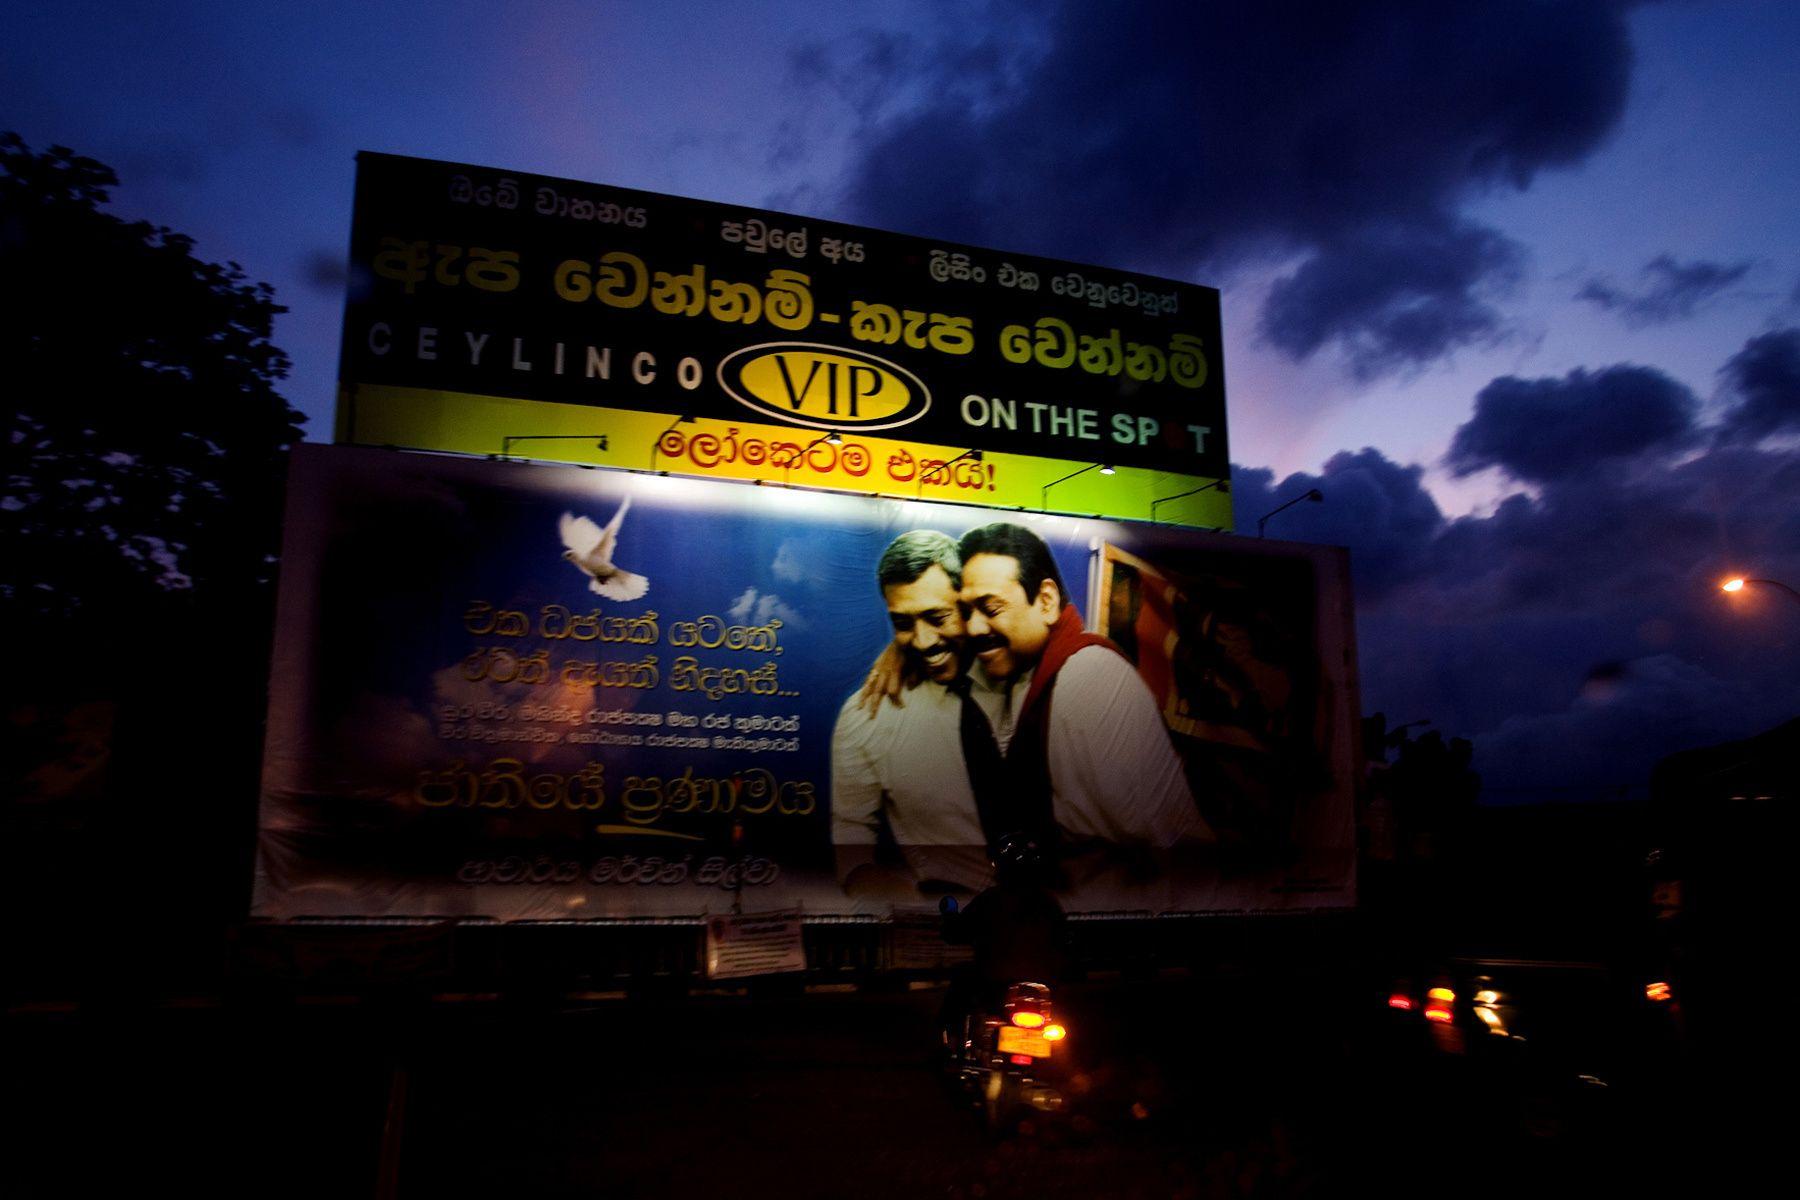 A billboard showing Sri Lankan President Mahinda Rajapaksa.